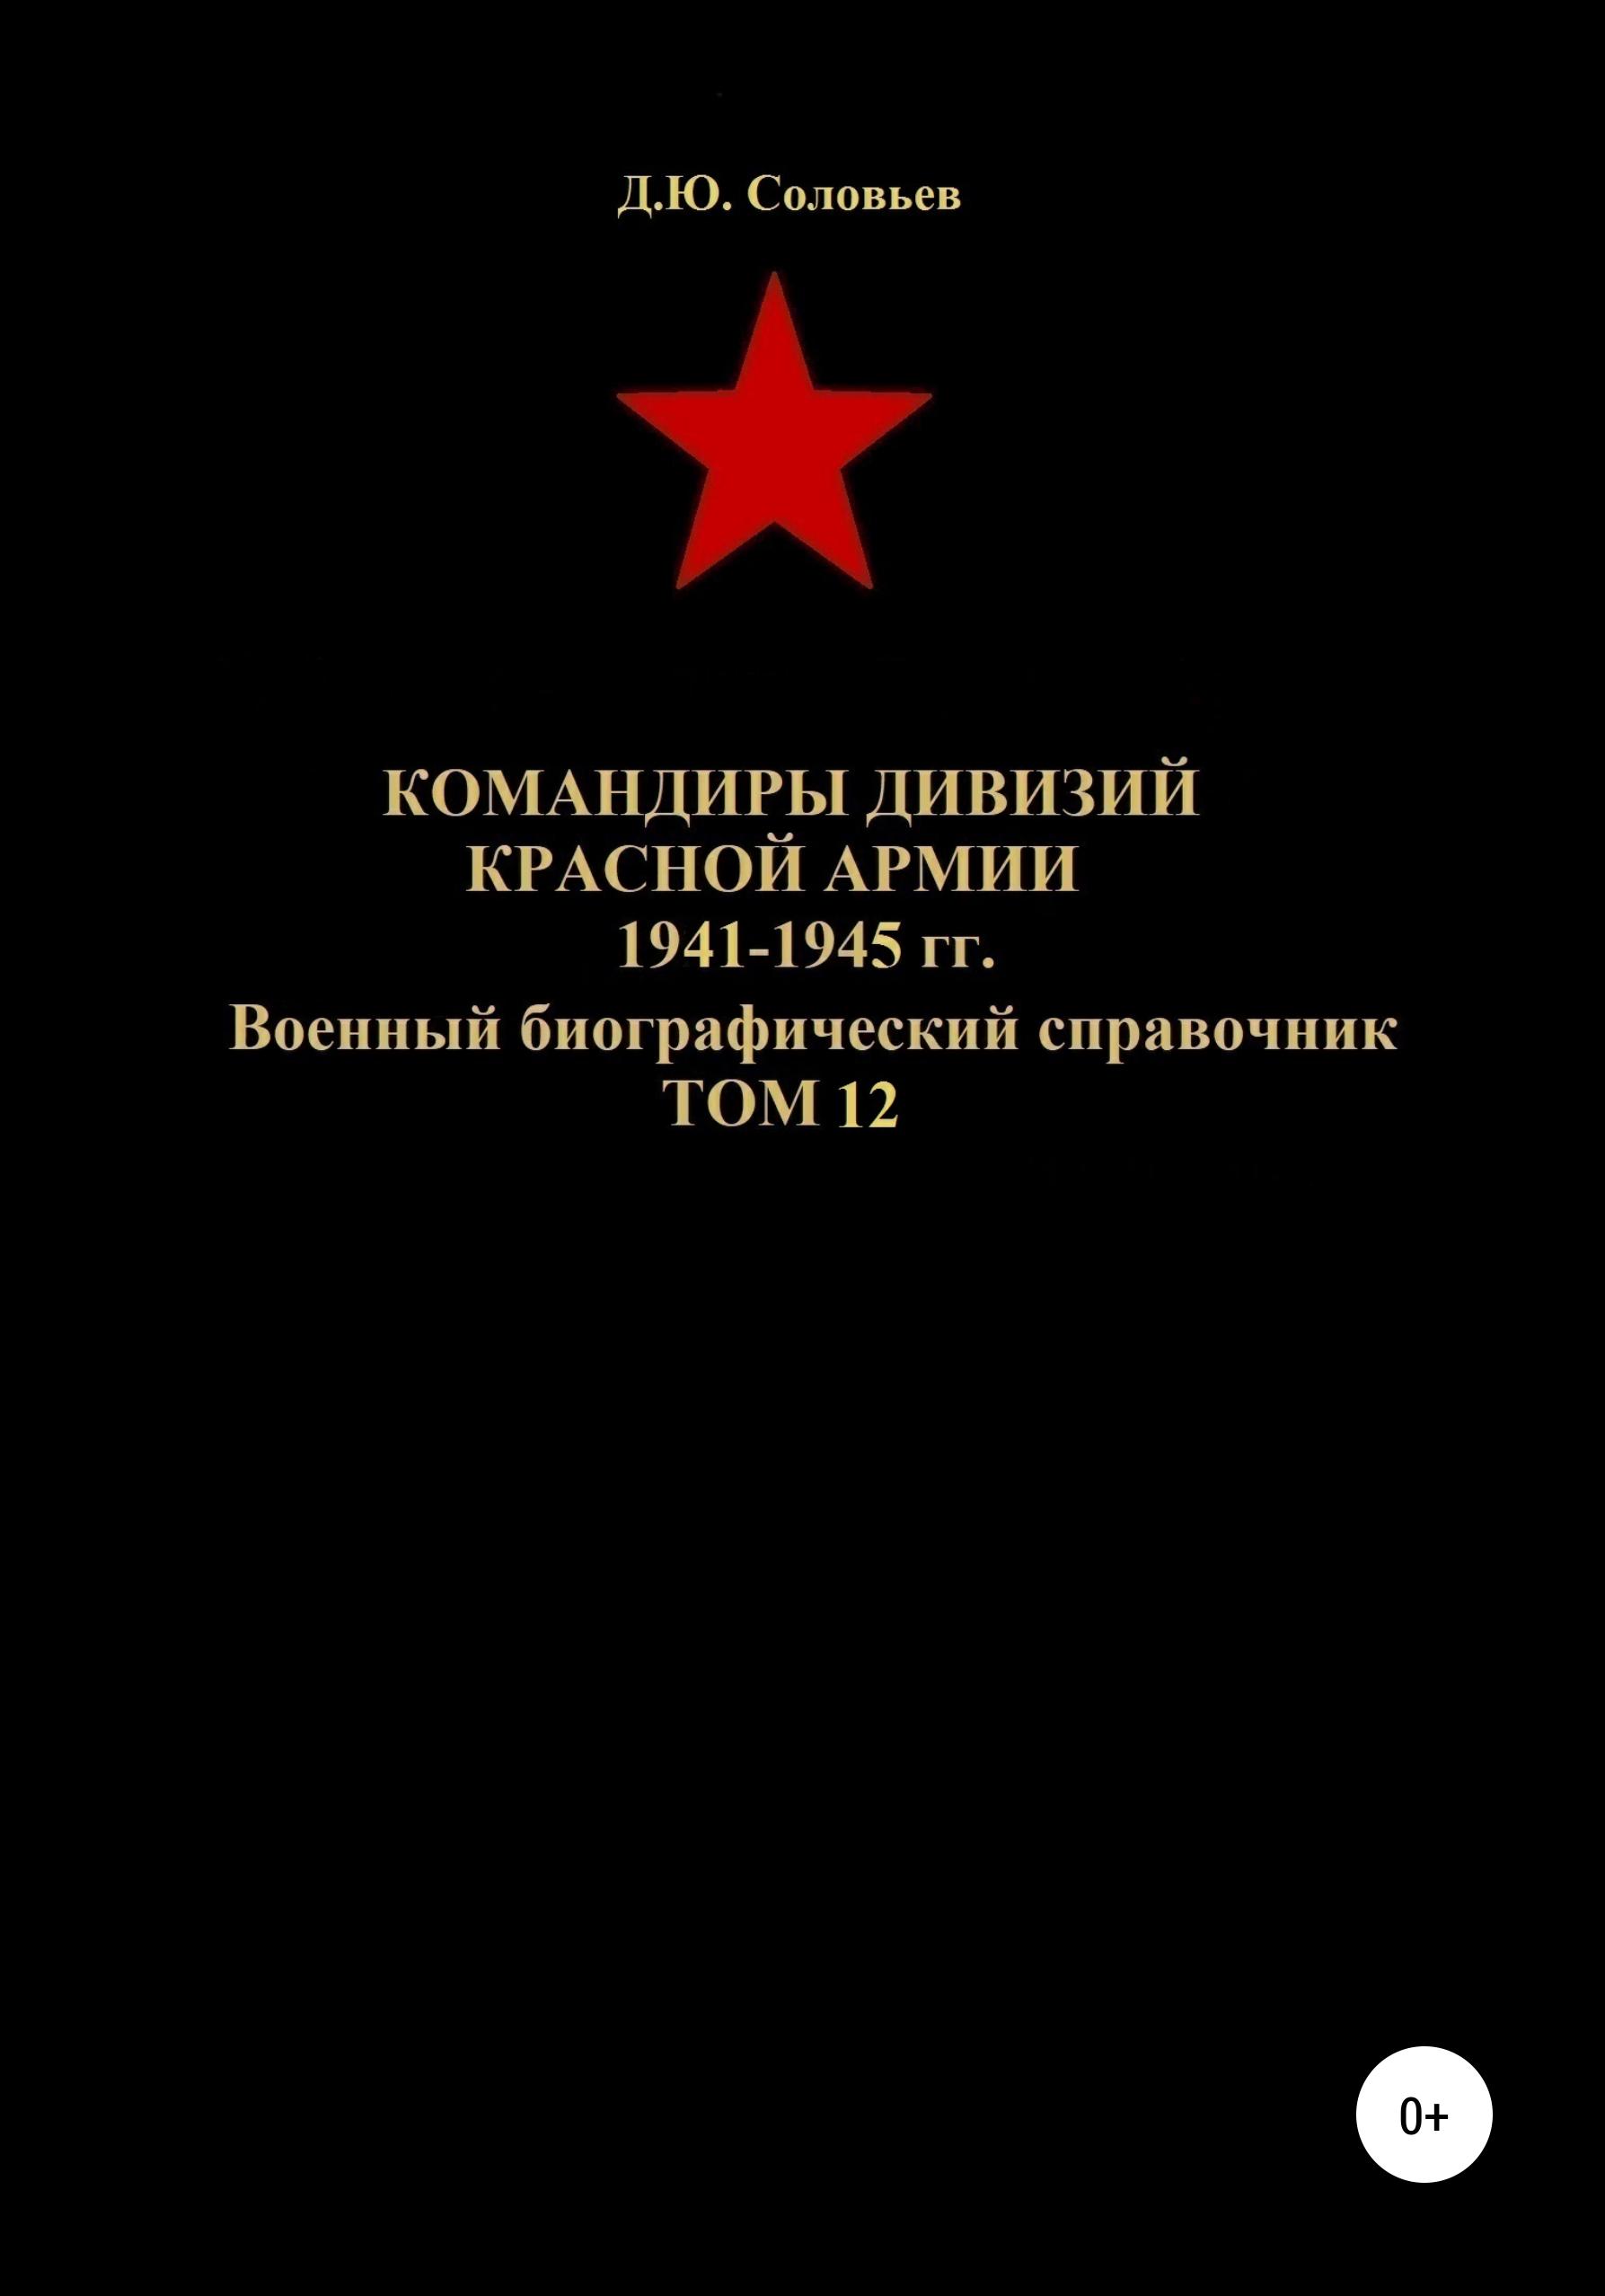 Командиры дивизий Красной Армии 1941-1945 гг. Том 12